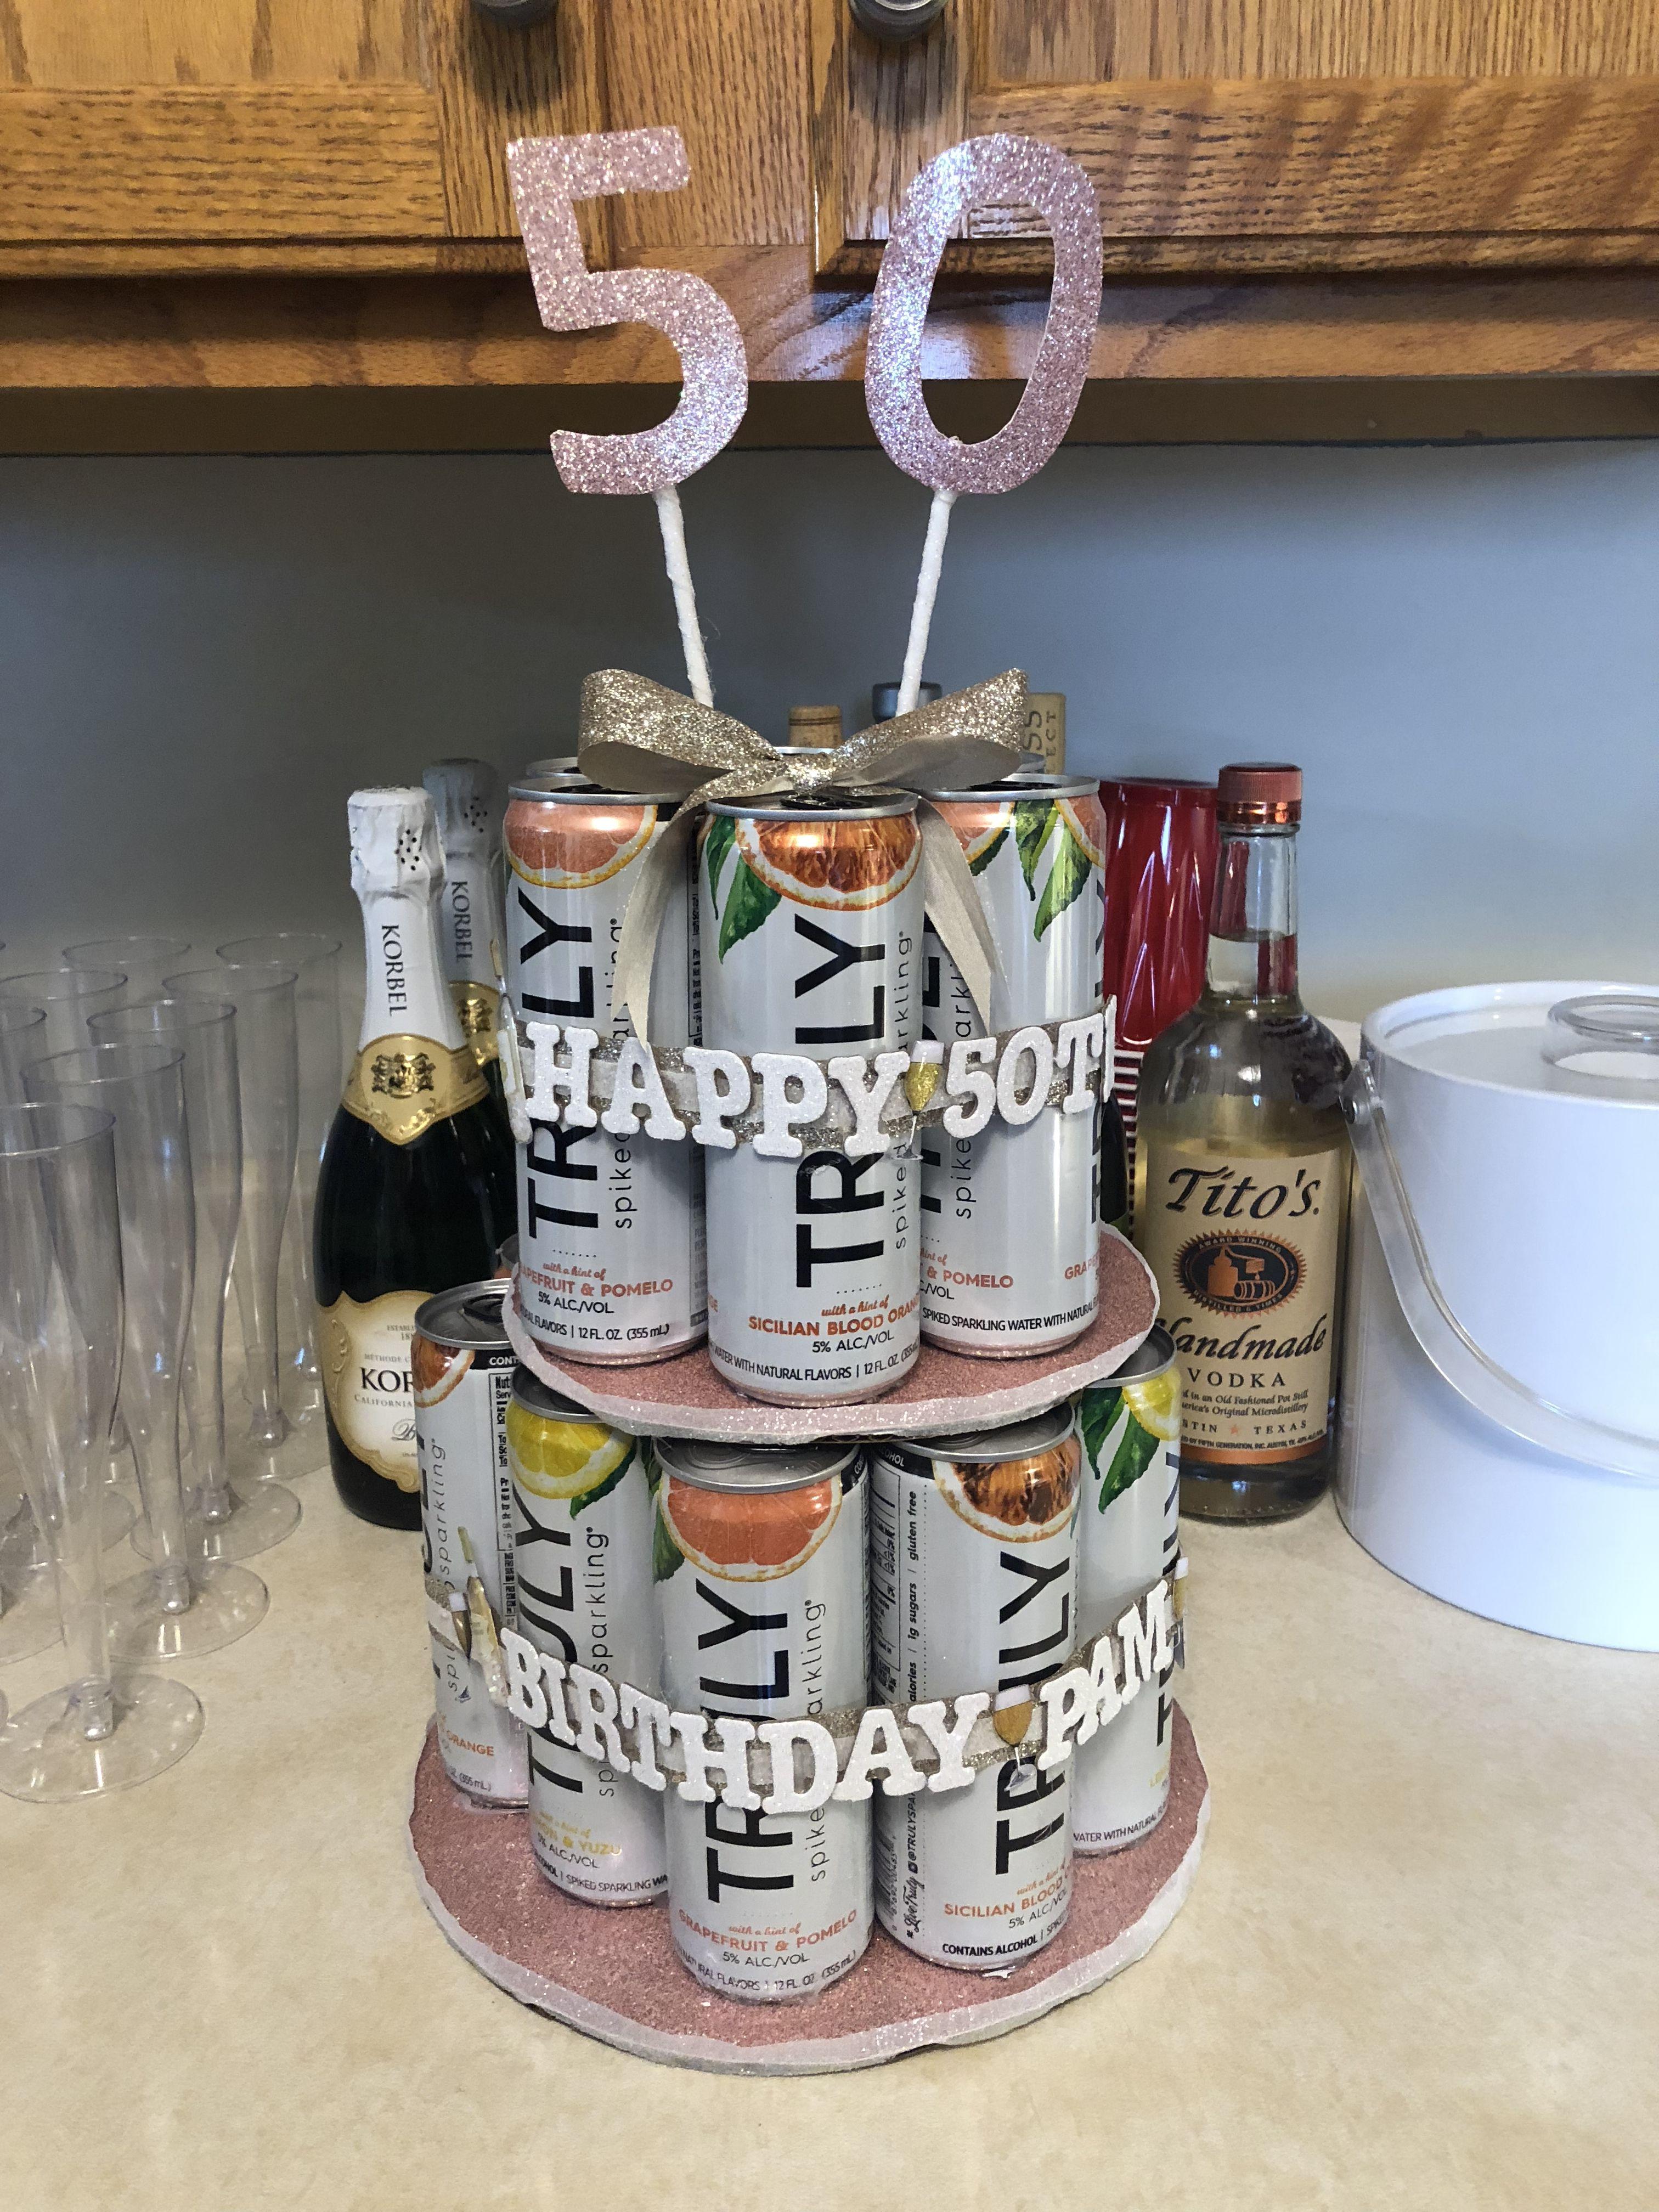 Beer Tower Beer Cake Truly Beer Tower 50th Birthday Beer